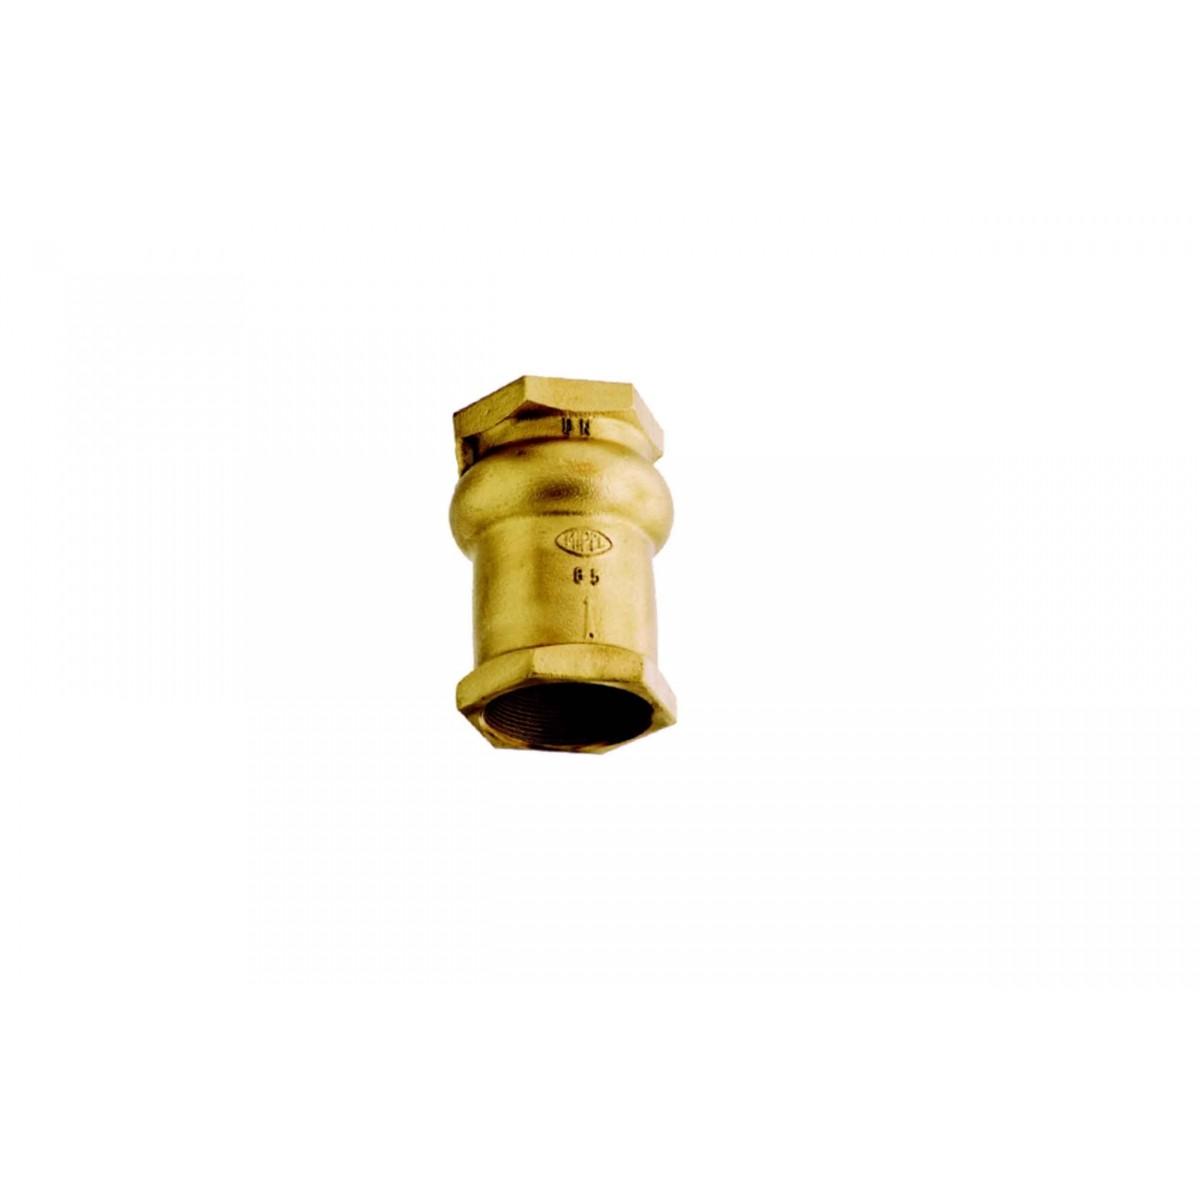 Válvula de Retenção Vertical 125 com O'ring Referencia 448